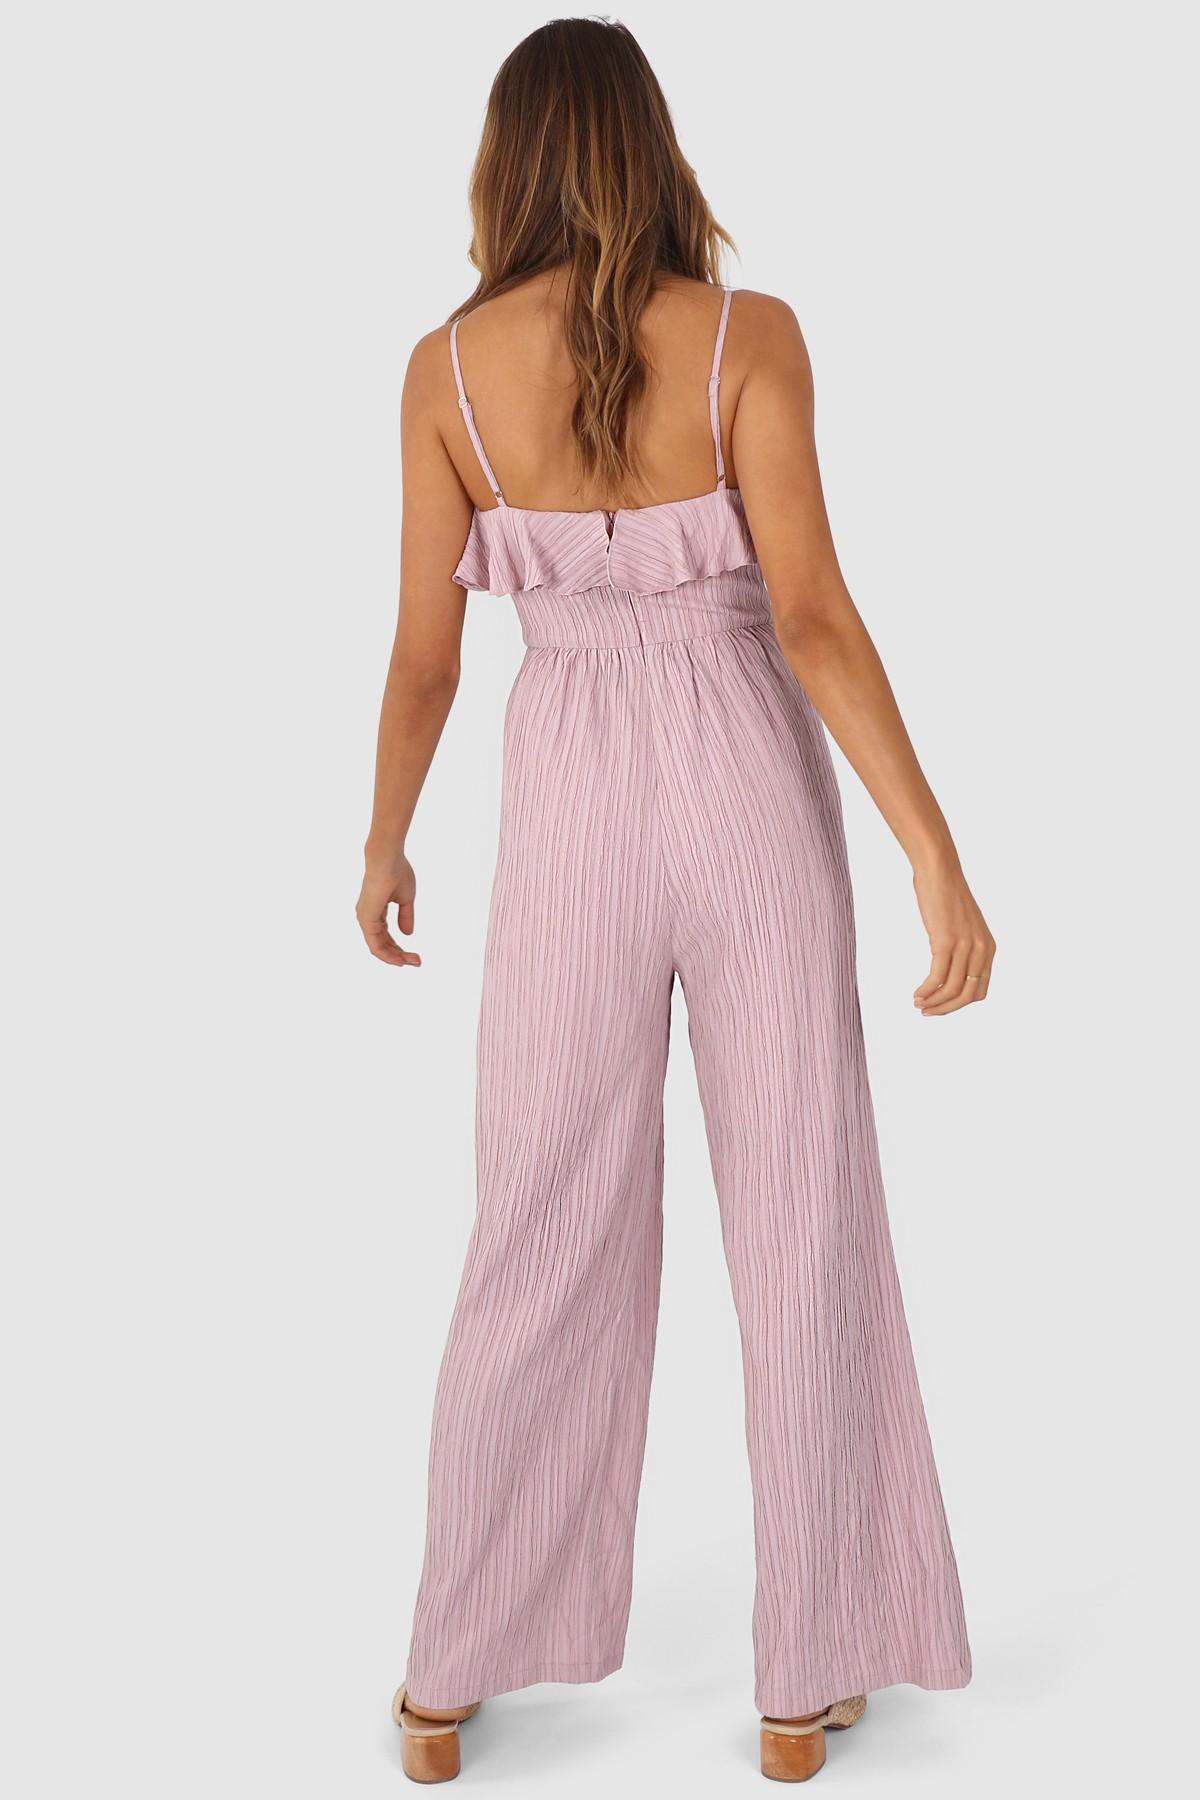 Lost In Lunar Tahnee Pantsuit Pink